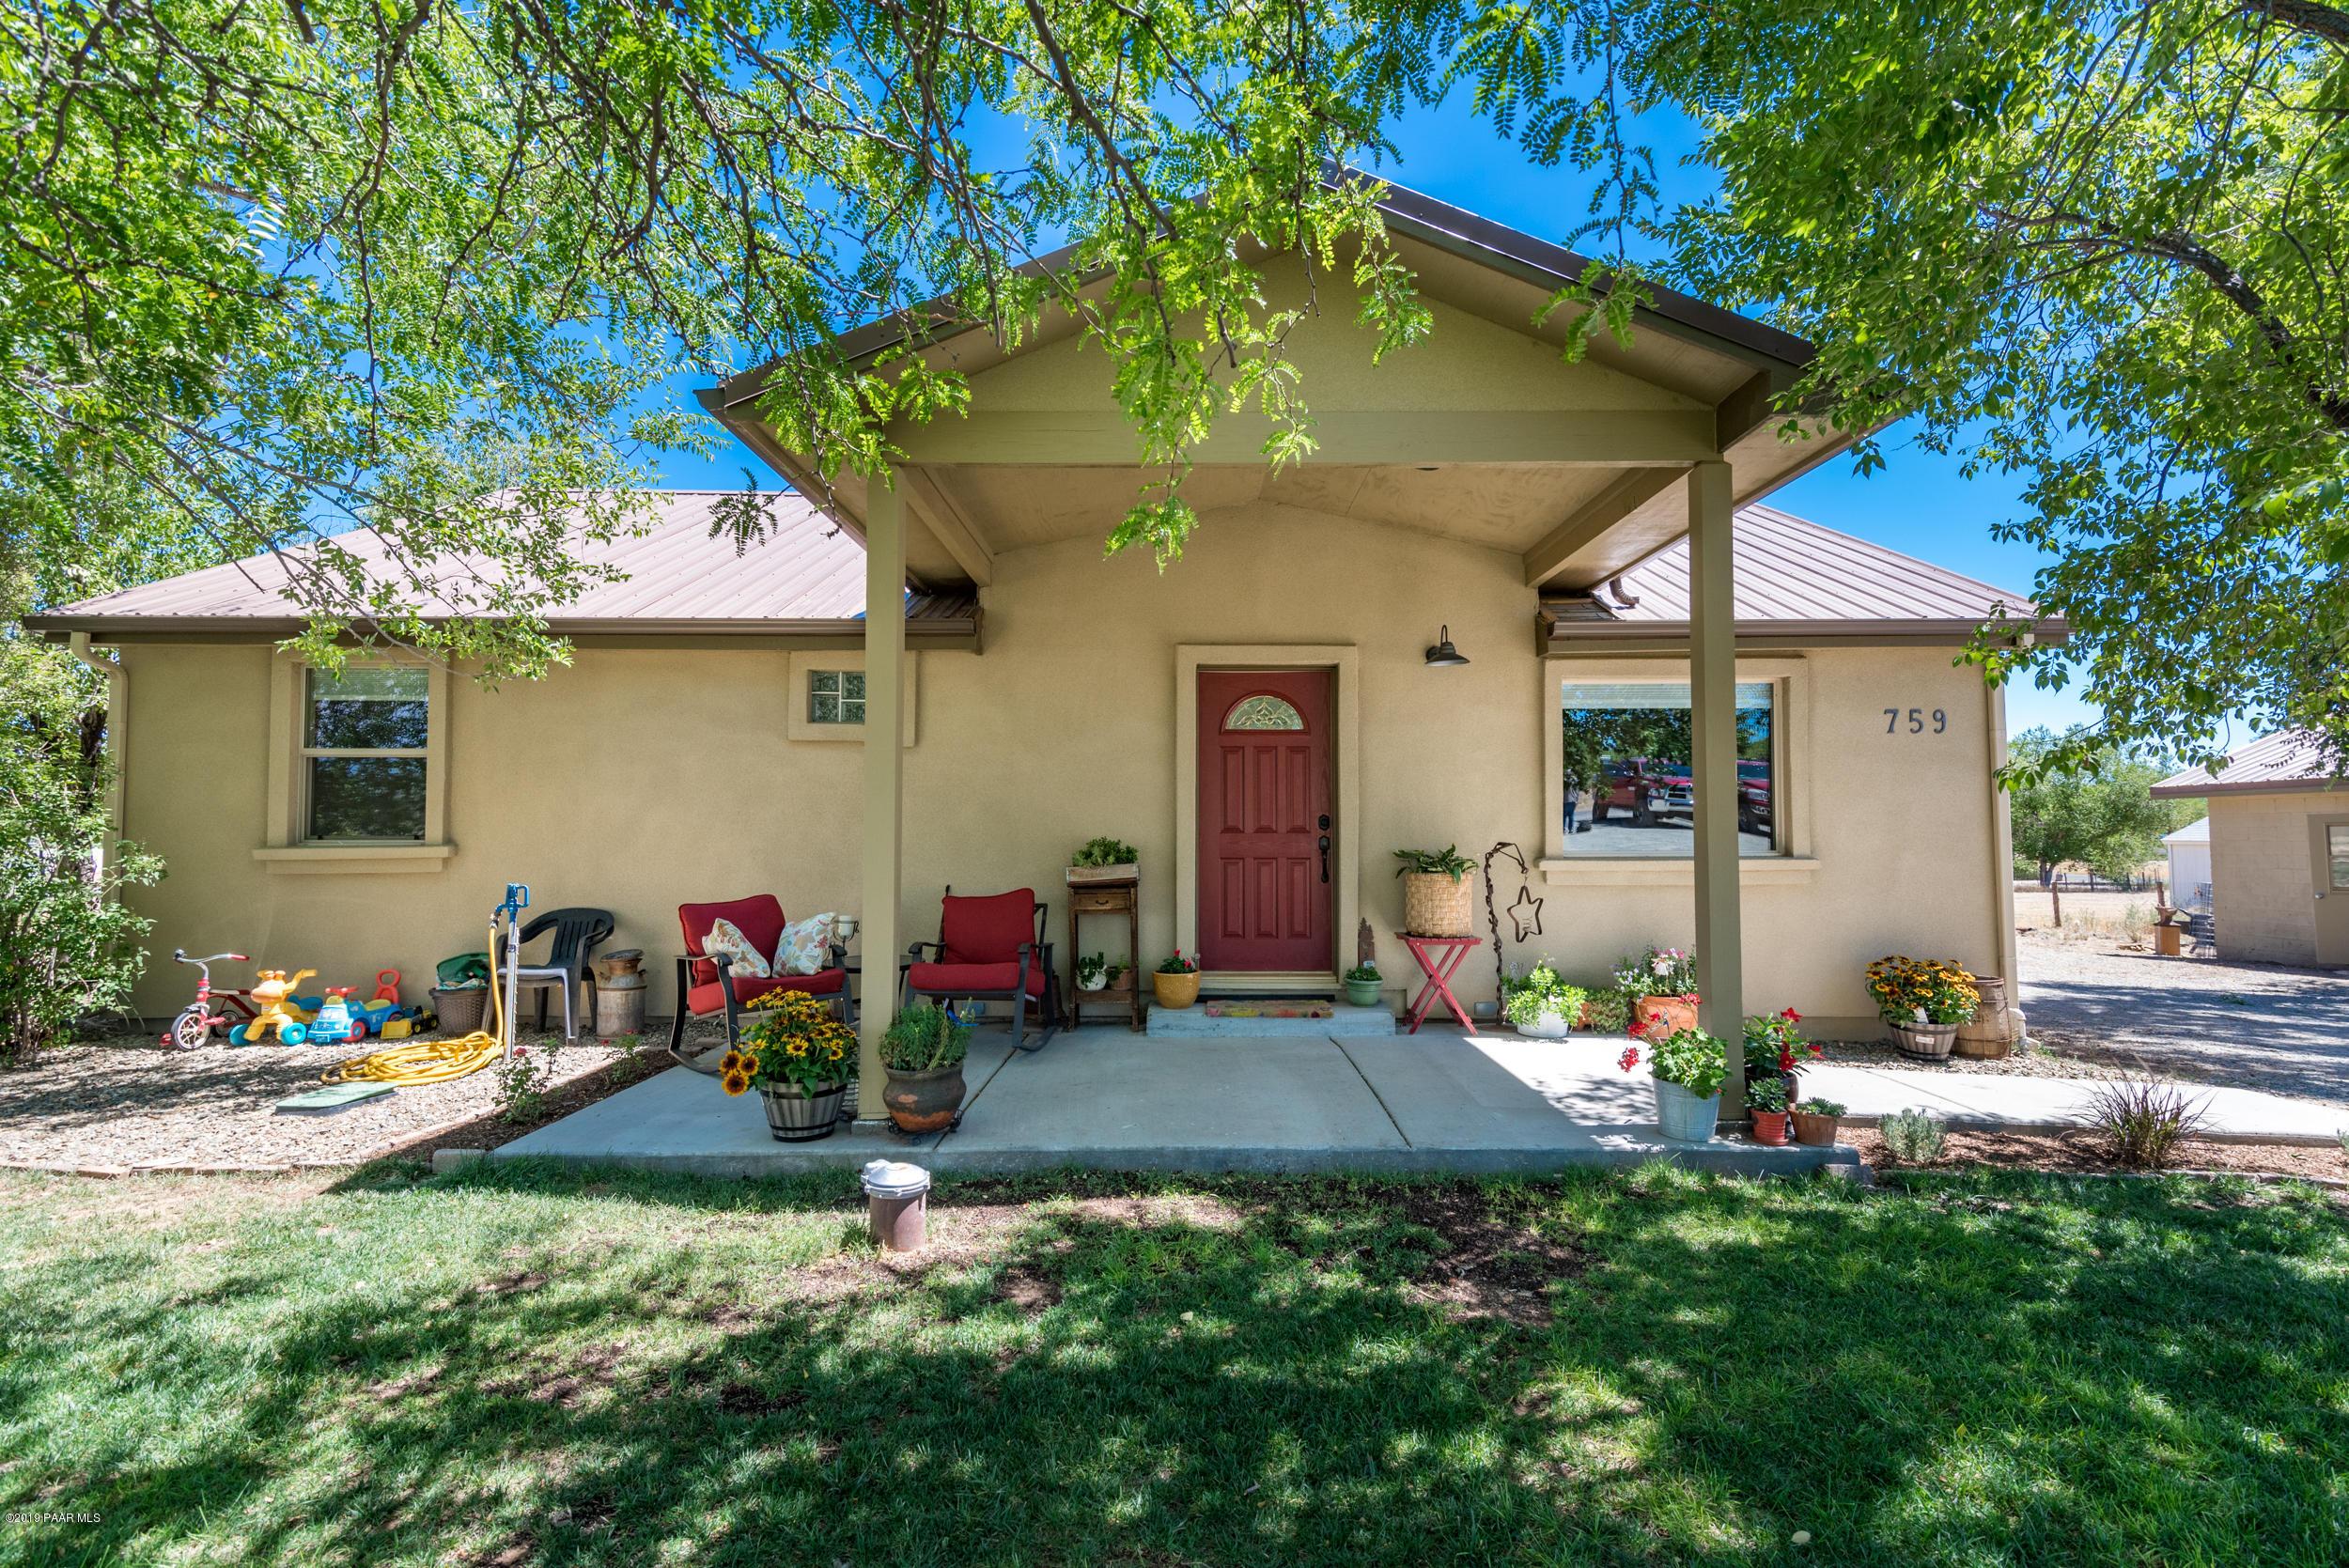 Photo of 759 Road 1, Chino Valley, AZ 86323